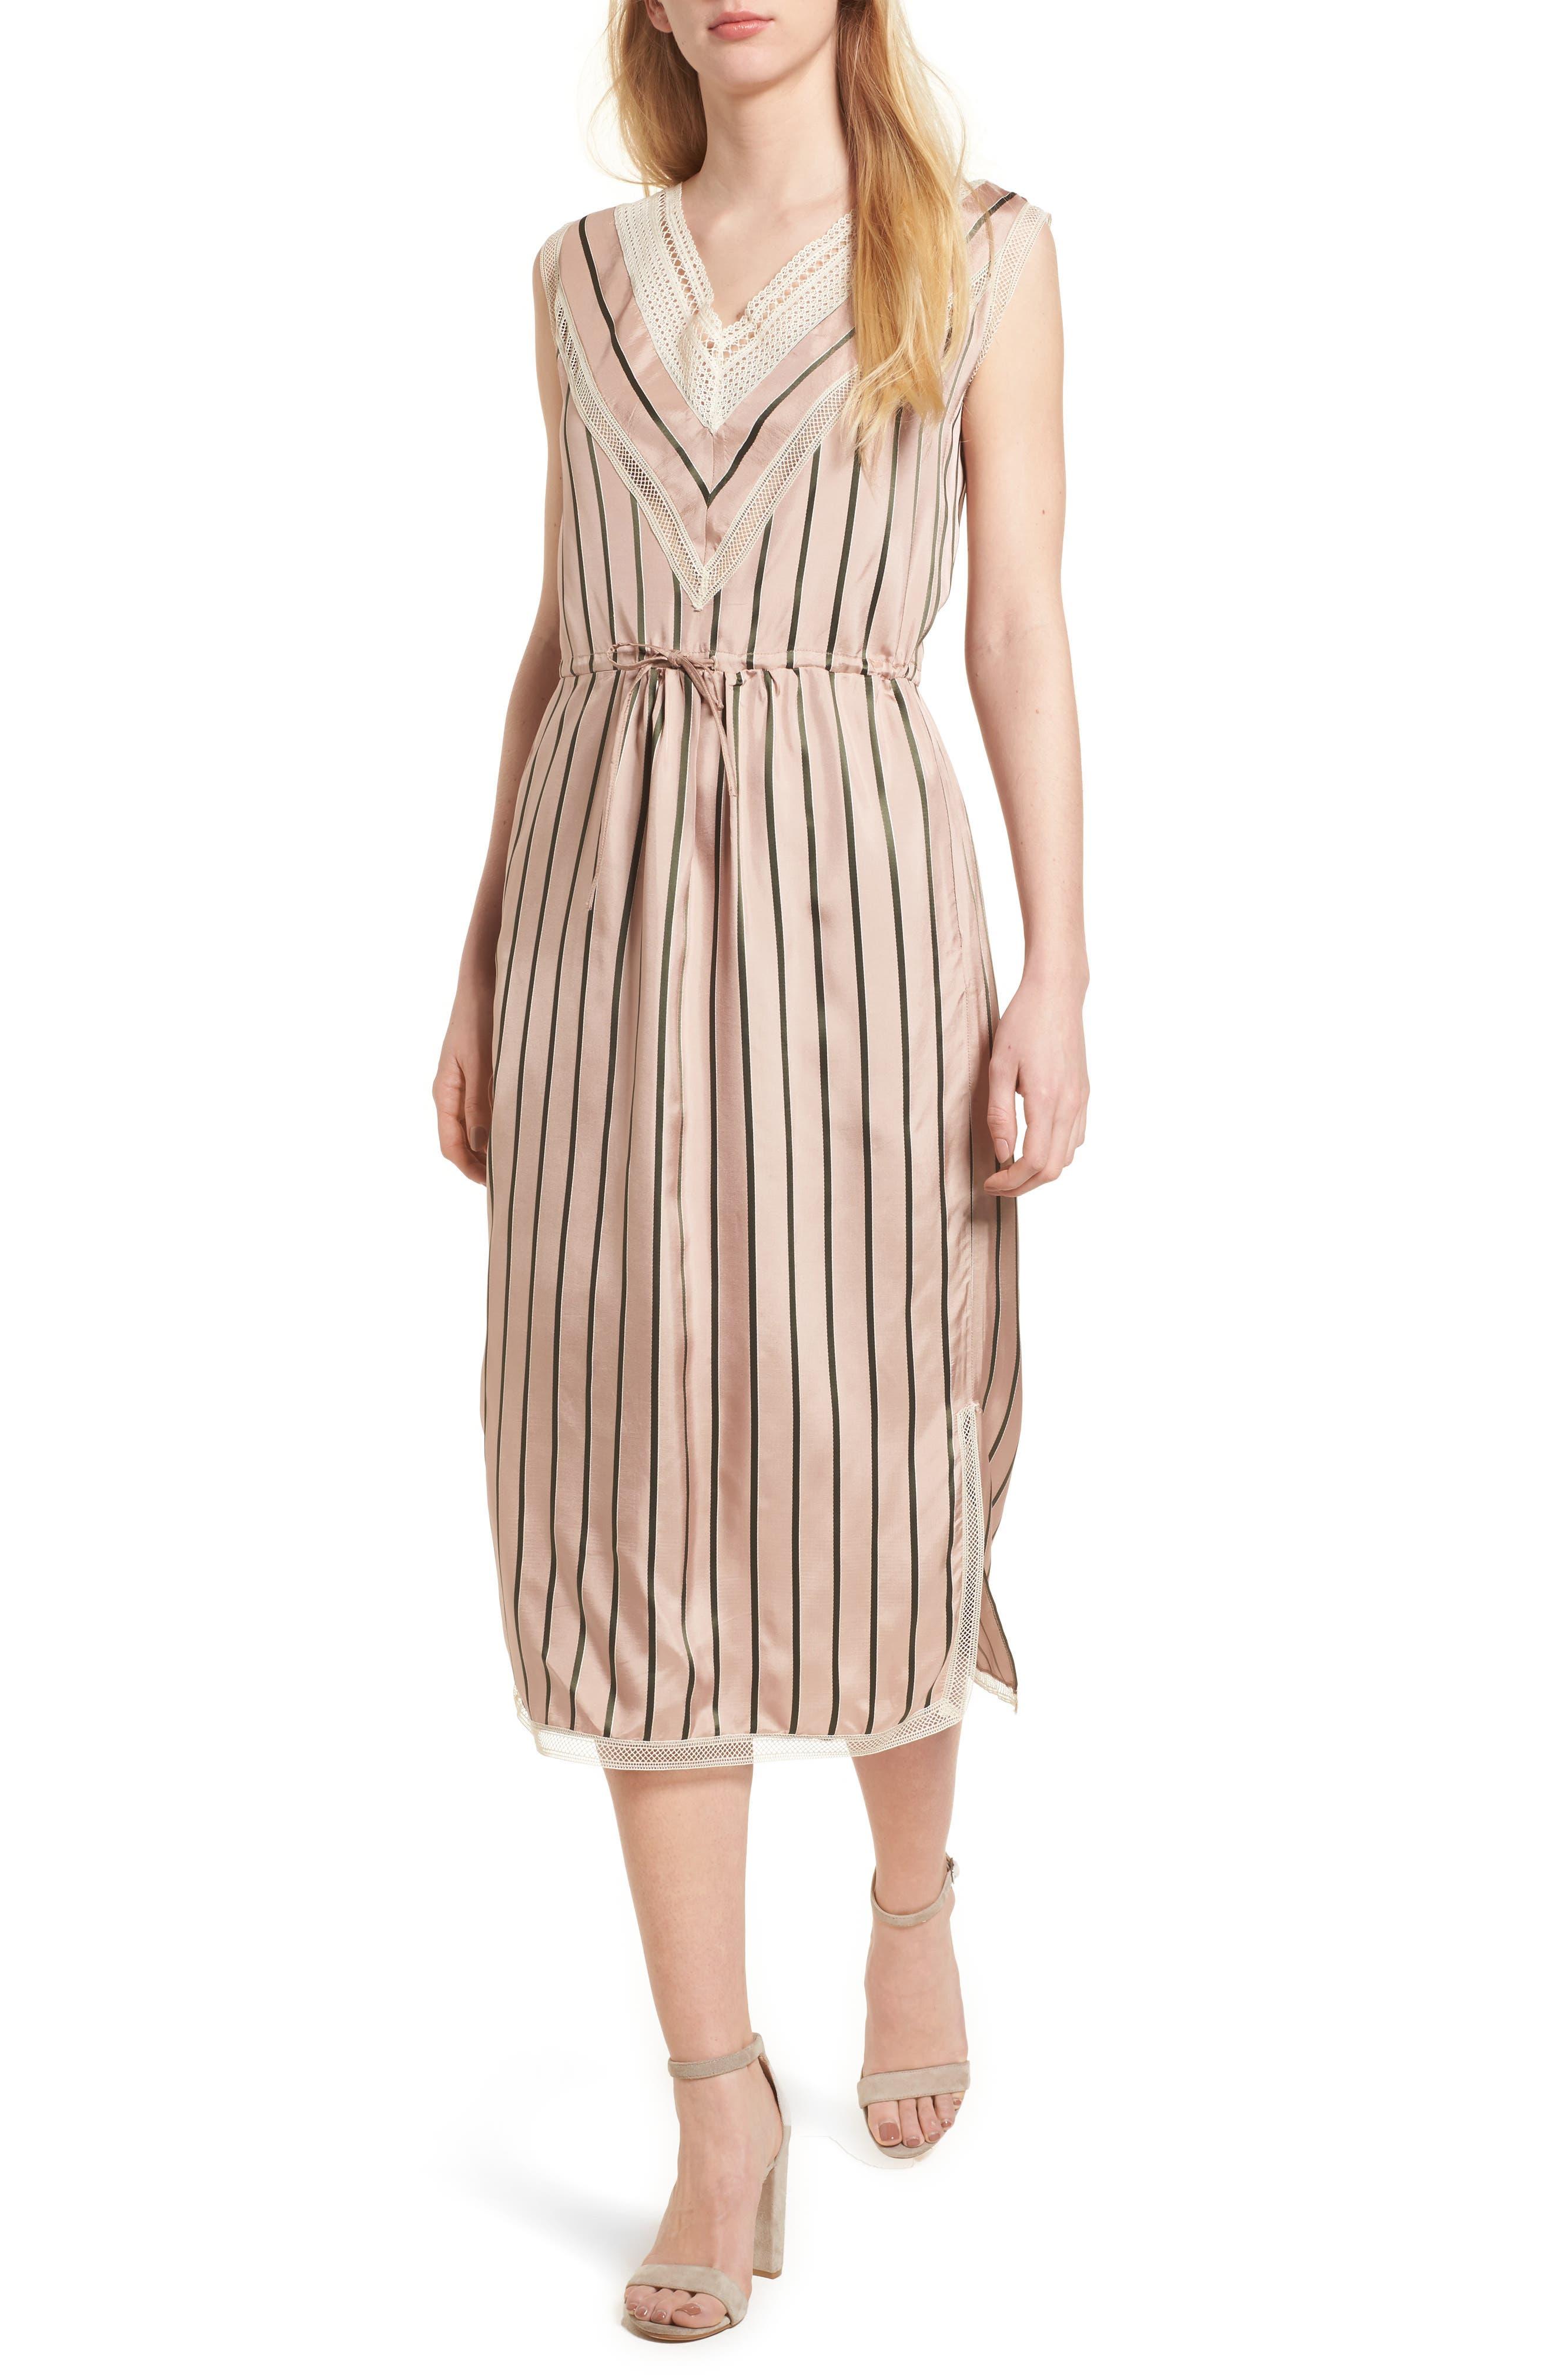 Cosway Dress,                             Main thumbnail 1, color,                             650